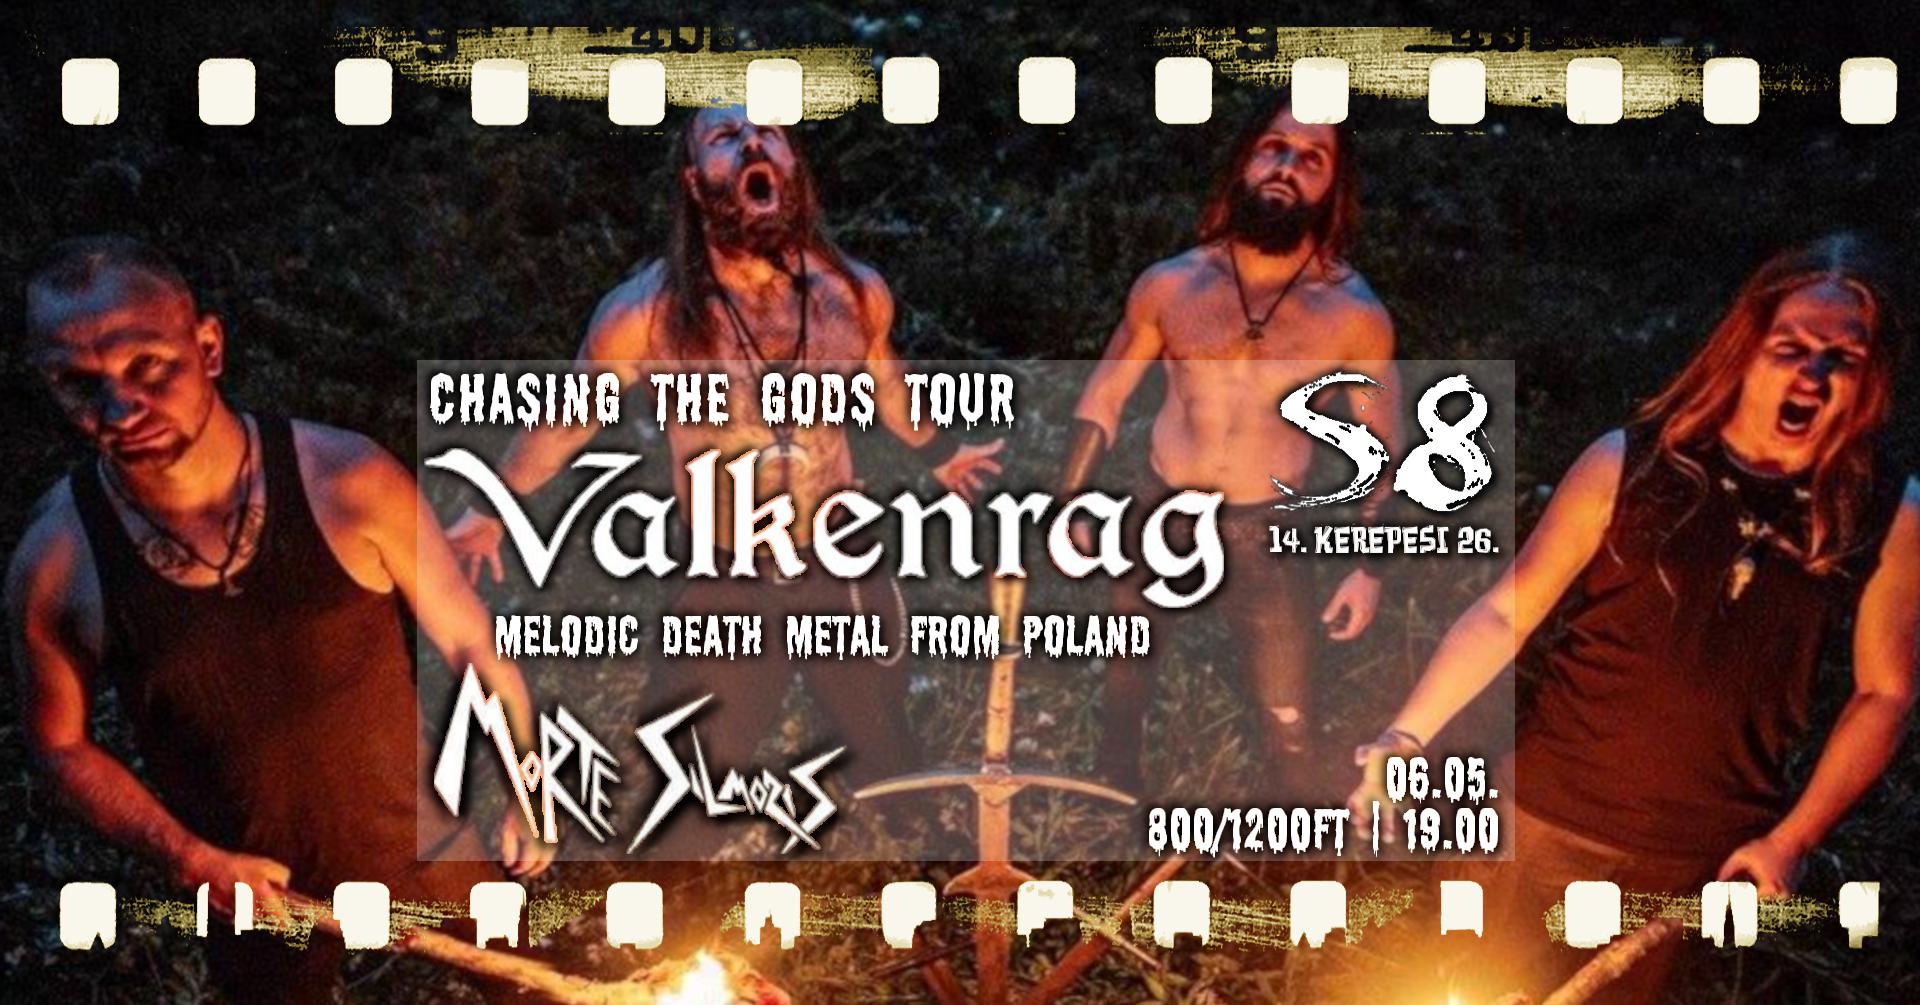 Chasing The Gods Tour - Valkenrag [PL] I Harloch I Morte Silmoris